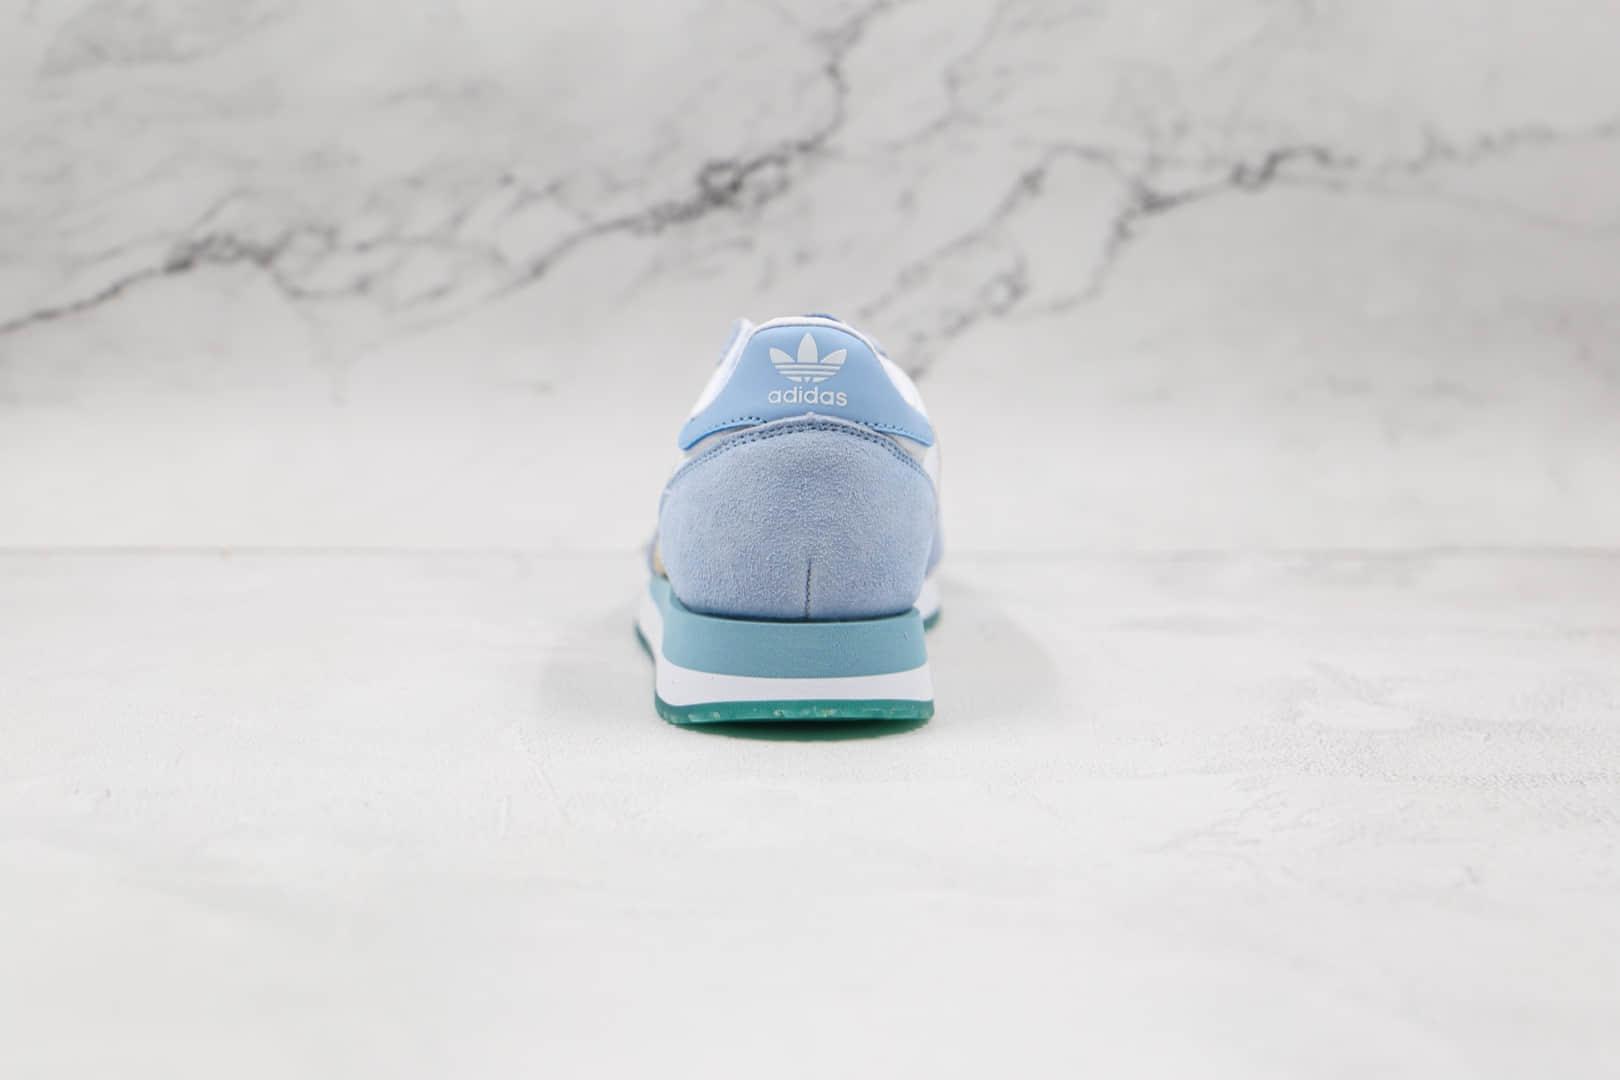 阿迪达斯Adidas Unisex Originals USA 84纯原版本三叶草白蓝金色USA 84冰雪奇缘运动鞋原盒原标 货号:FW2052